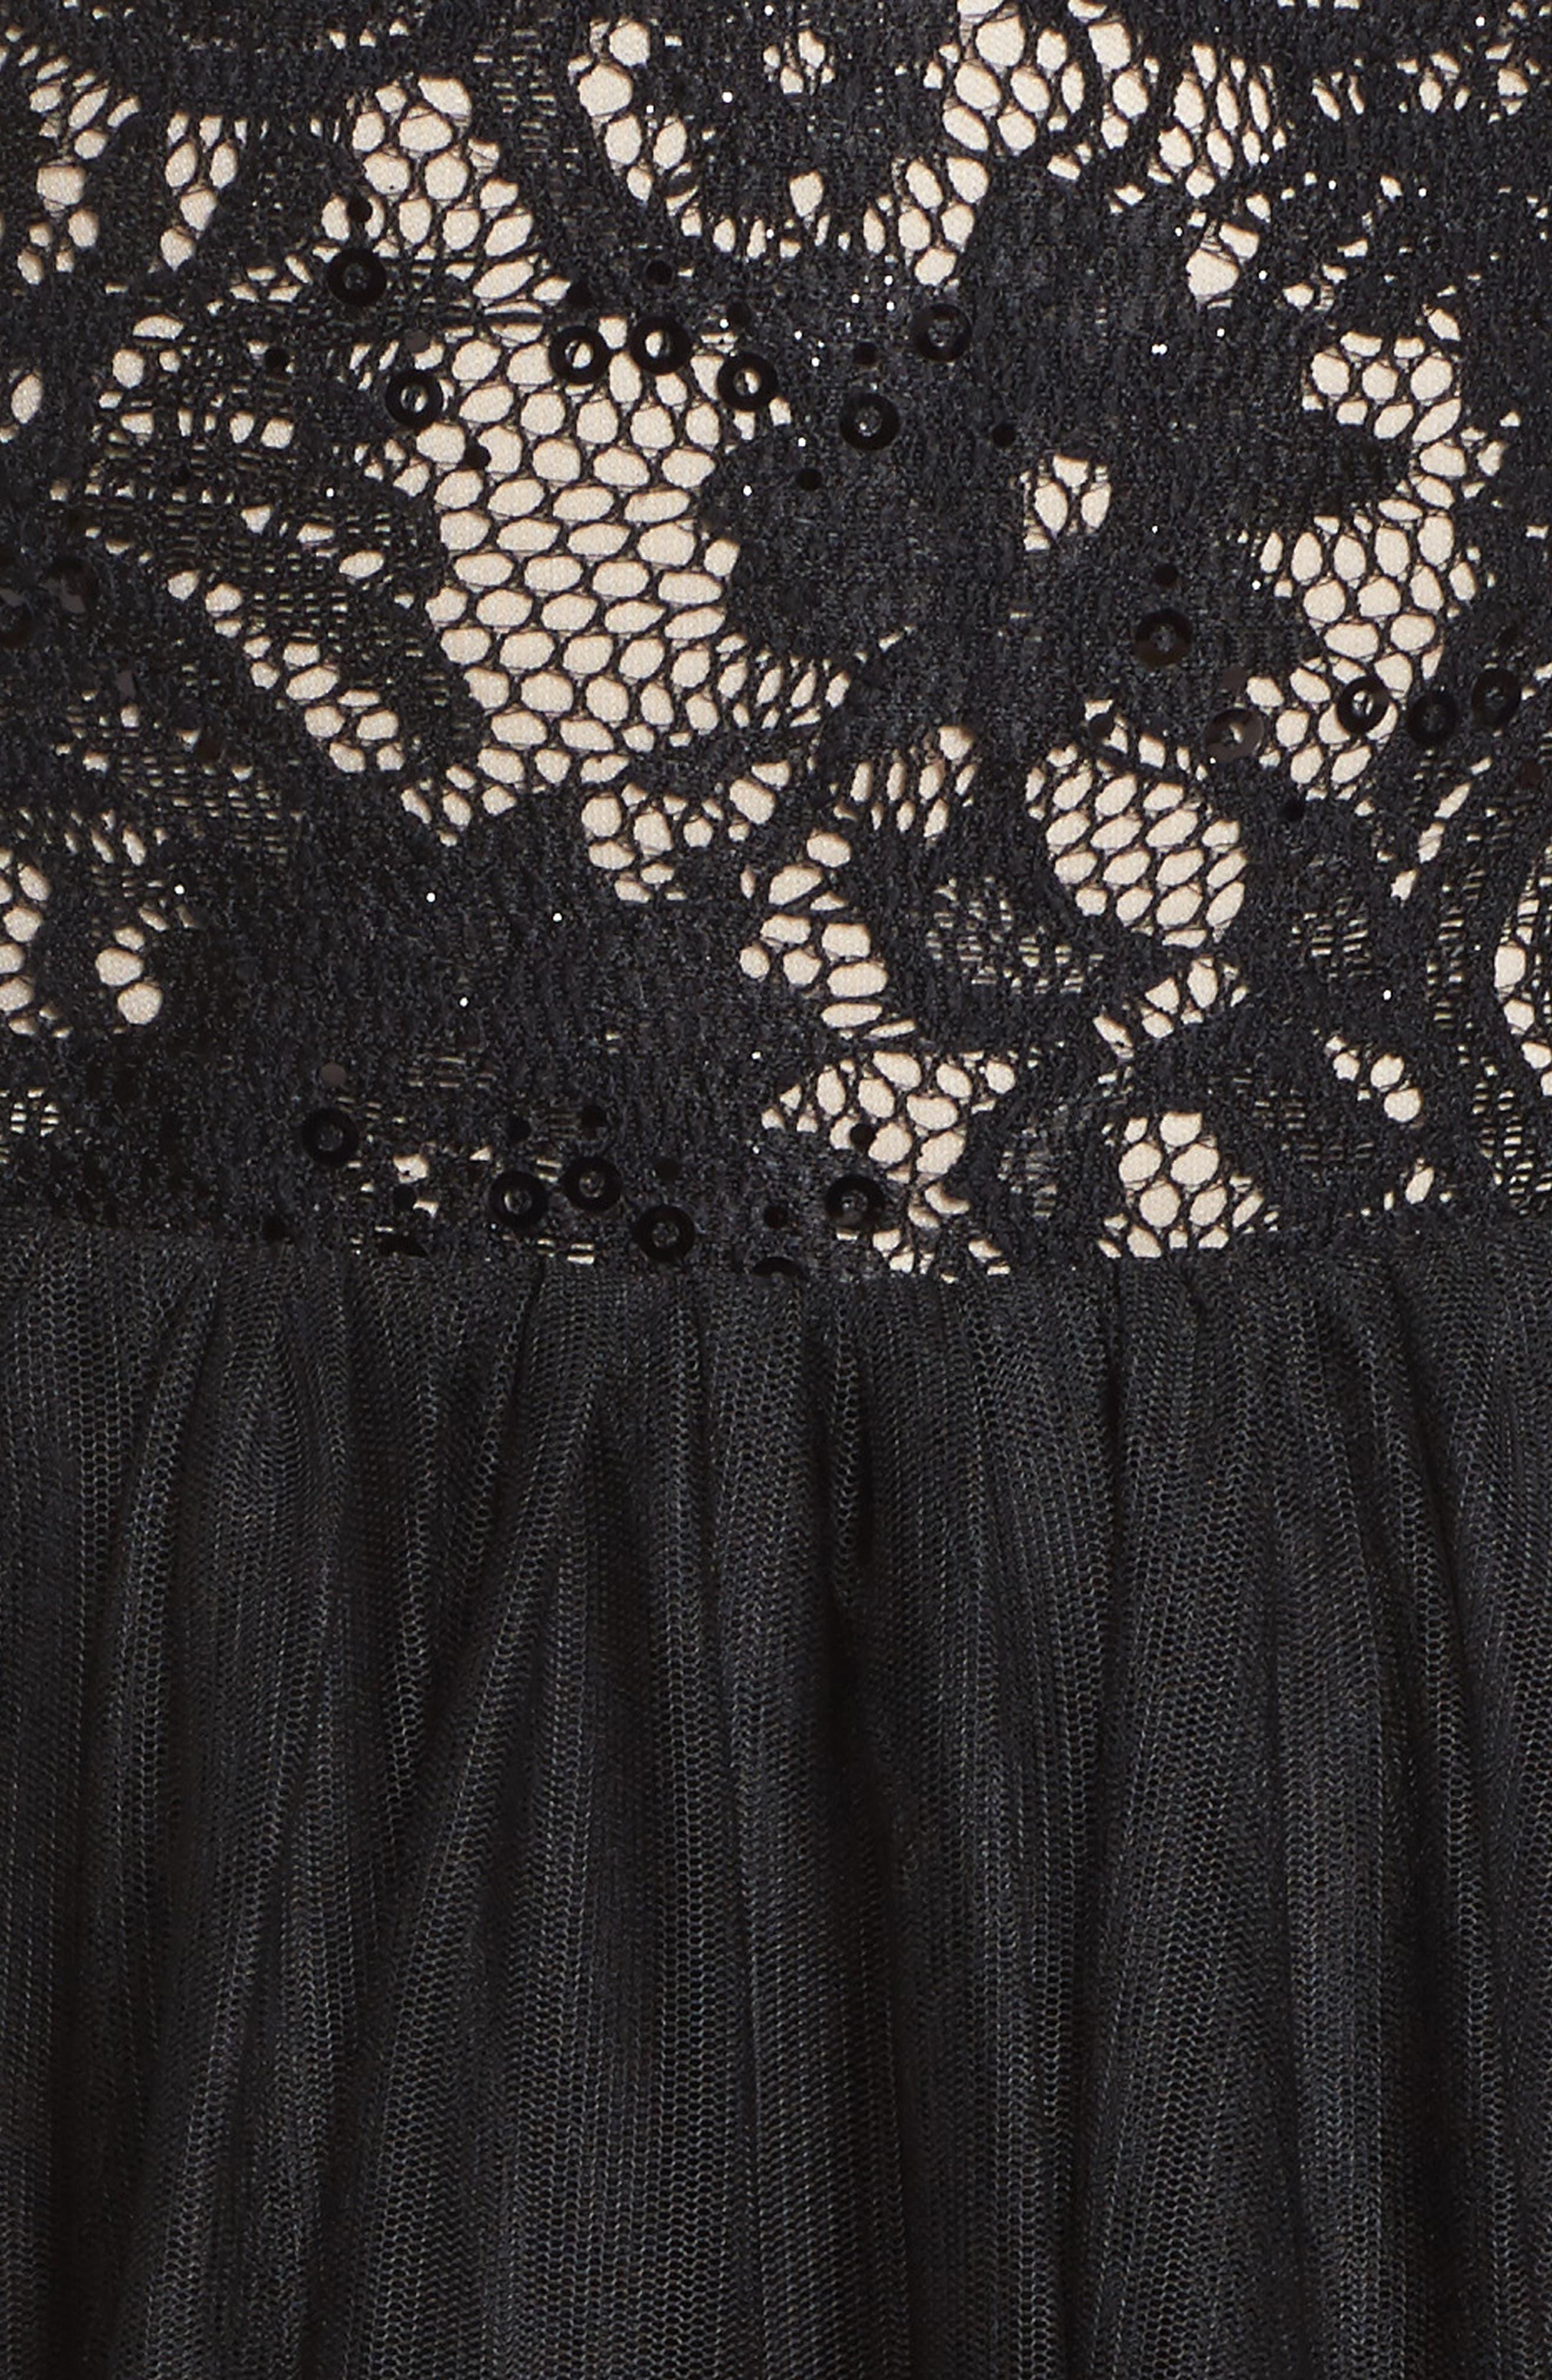 Lace Halter Neck Dress,                             Alternate thumbnail 5, color,                             006